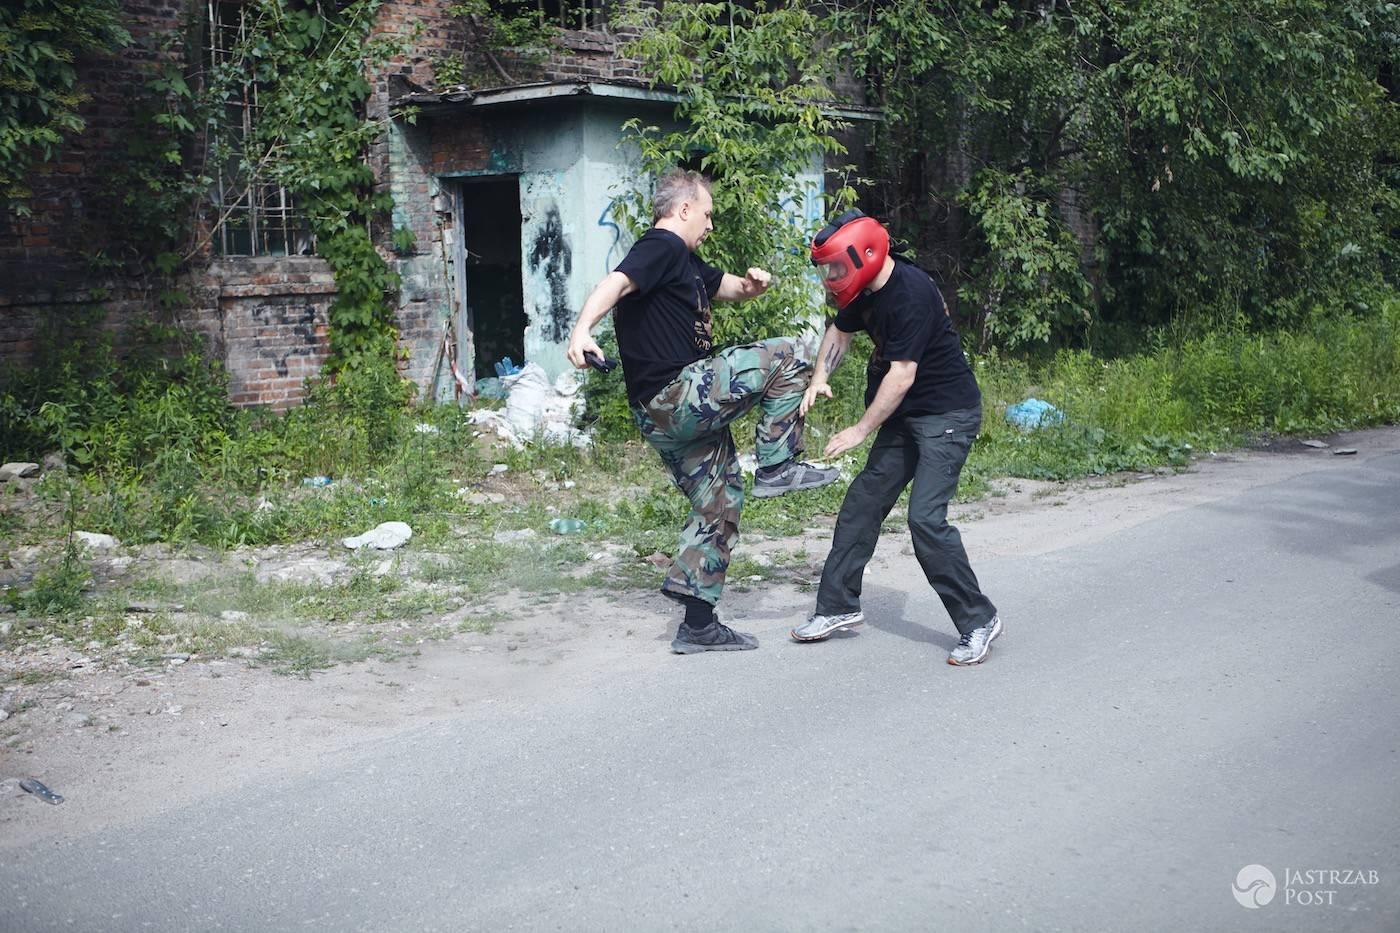 Michał Bryś z Hell's Kitchen napadnięty na ulicy